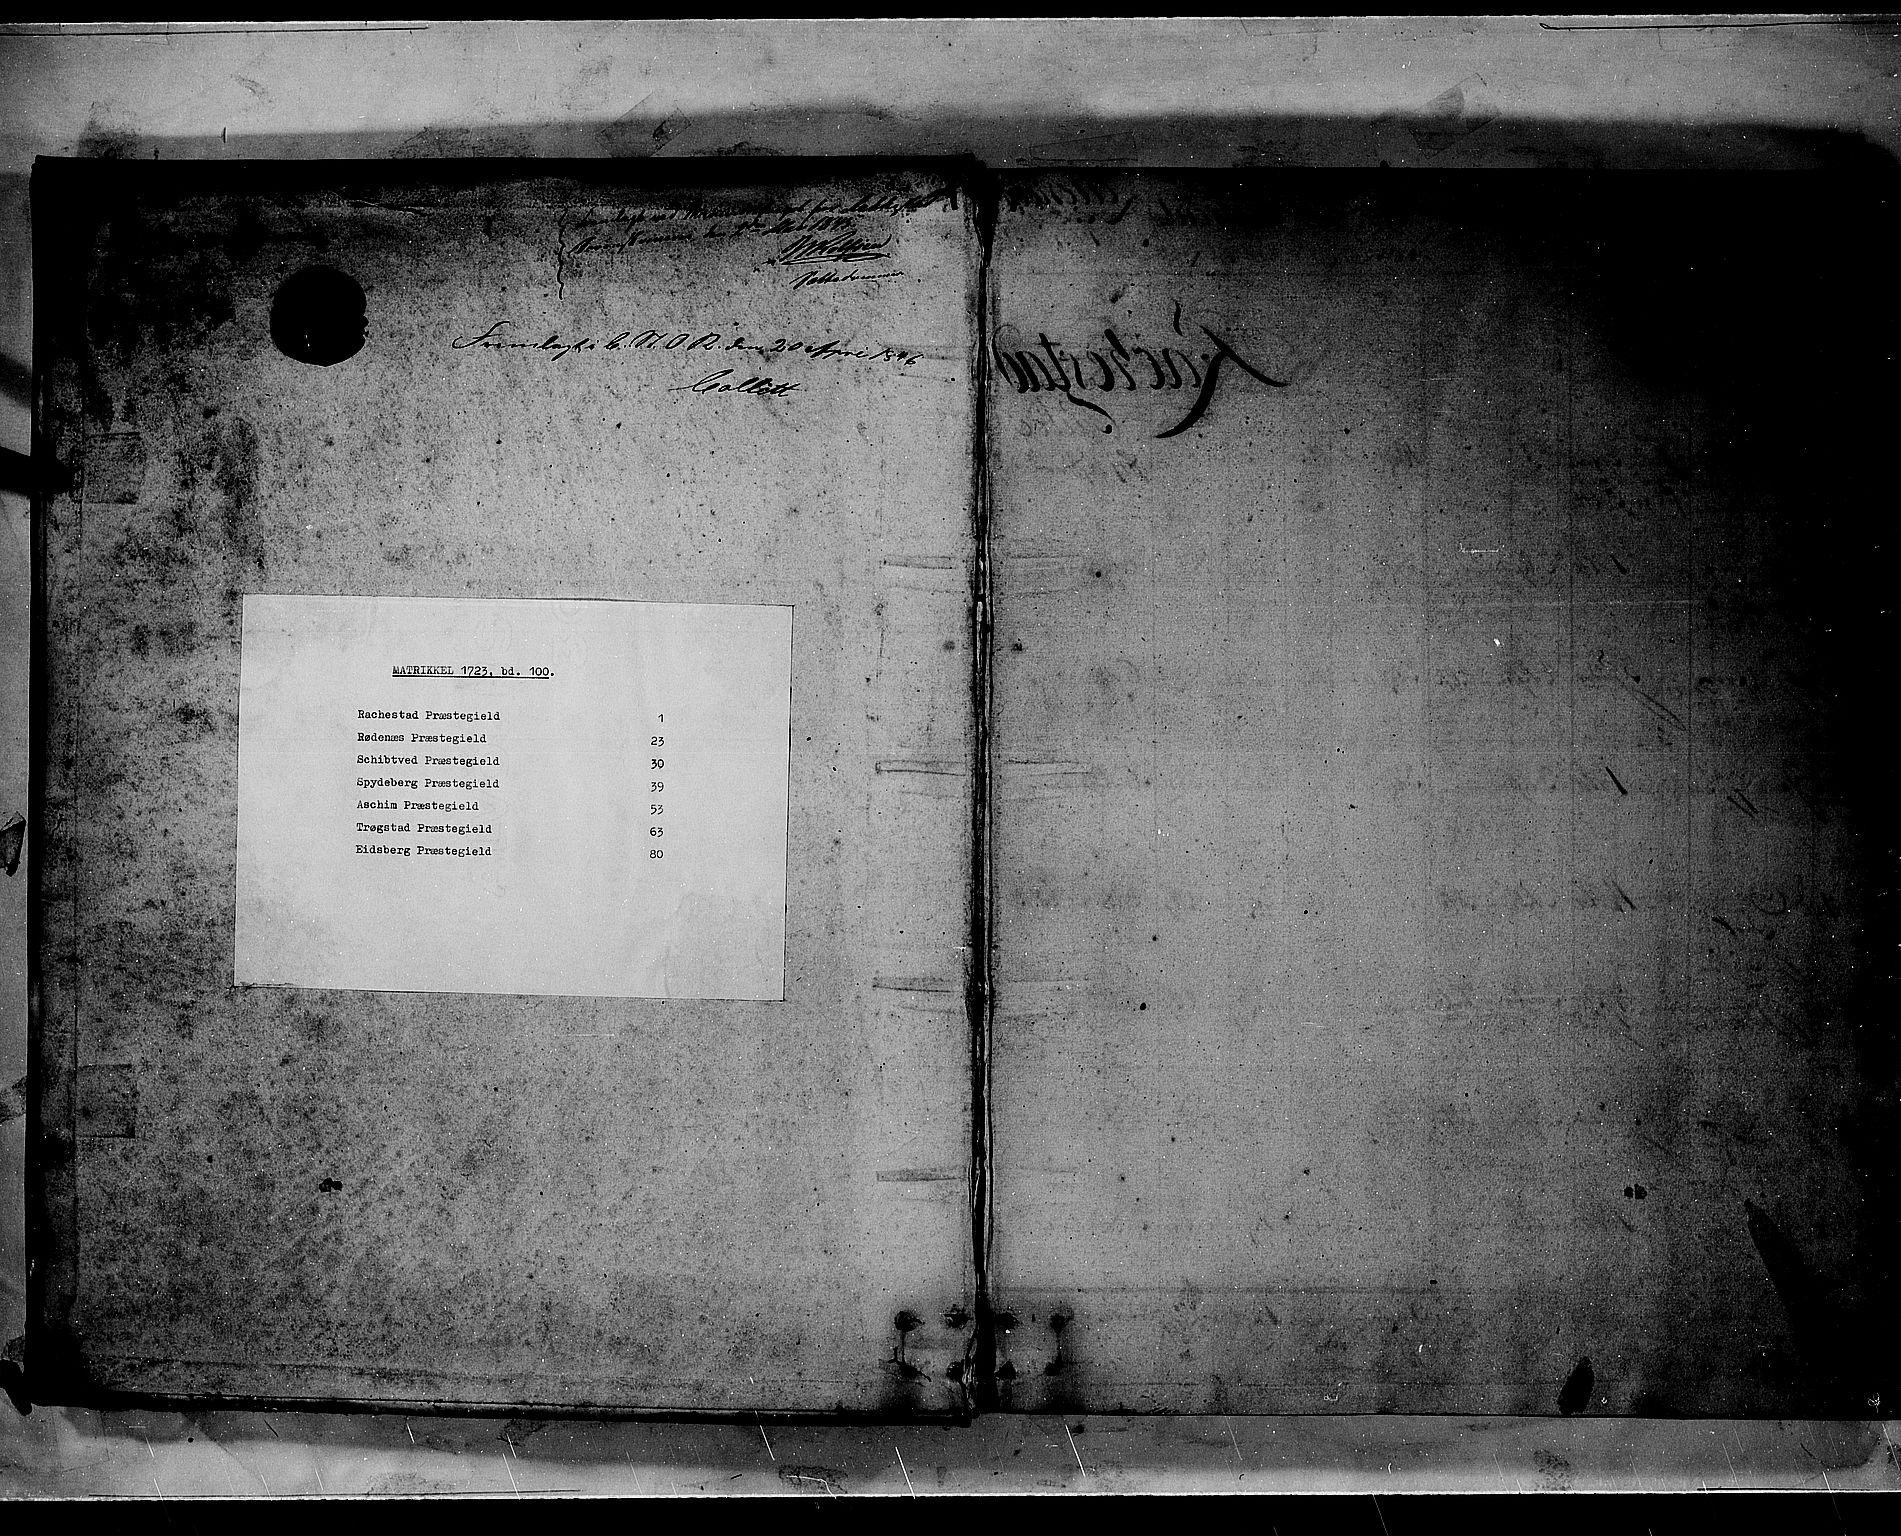 RA, Rentekammeret inntil 1814, Realistisk ordnet avdeling, N/Nb/Nbf/L0100: Rakkestad, Heggen og Frøland matrikkelprotokoll, 1723, s. upaginert